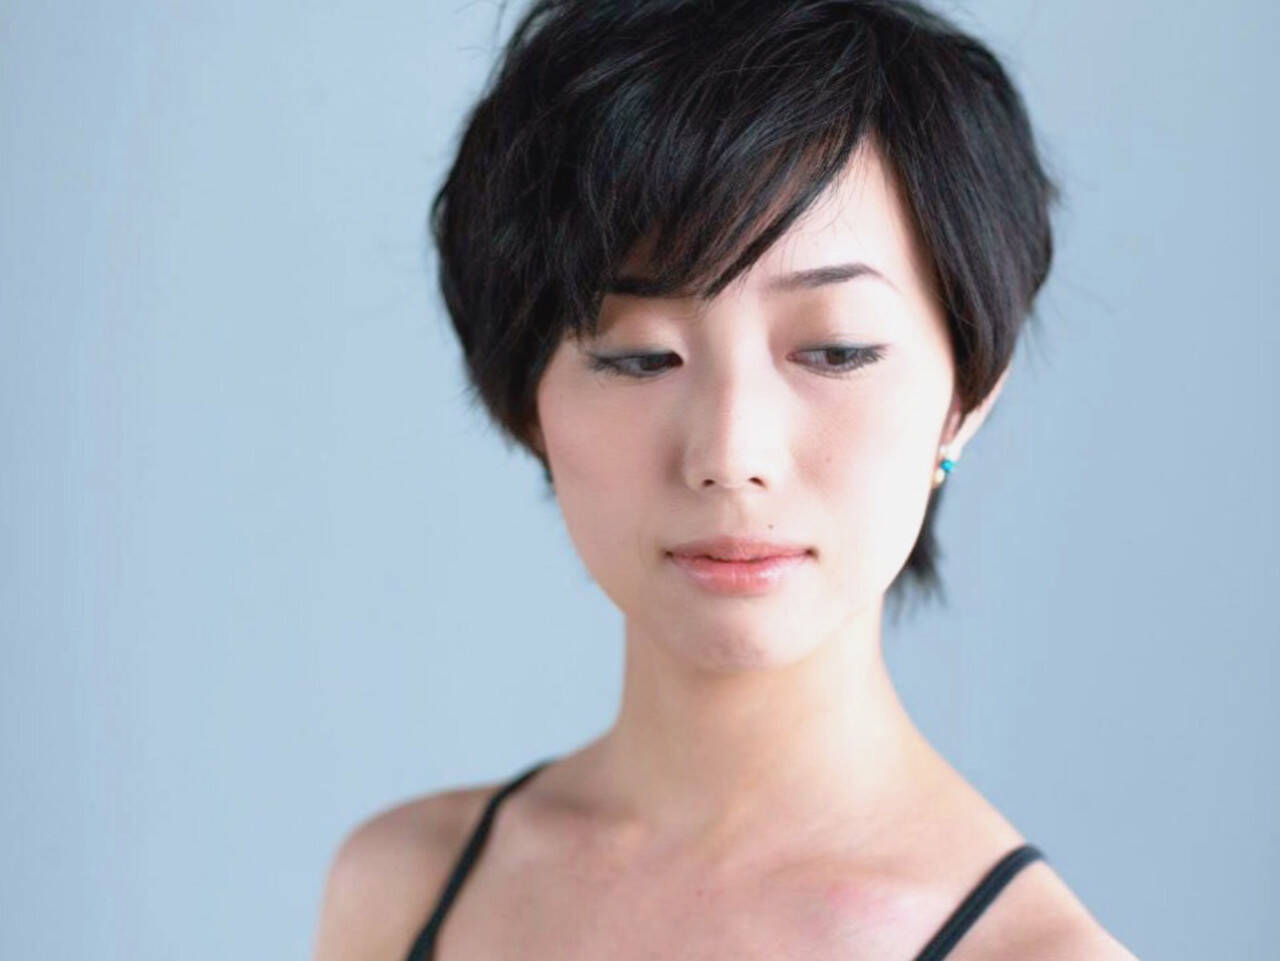 ナチュラル 黒髪 ショート ヘアメイクヘアスタイルや髪型の写真・画像